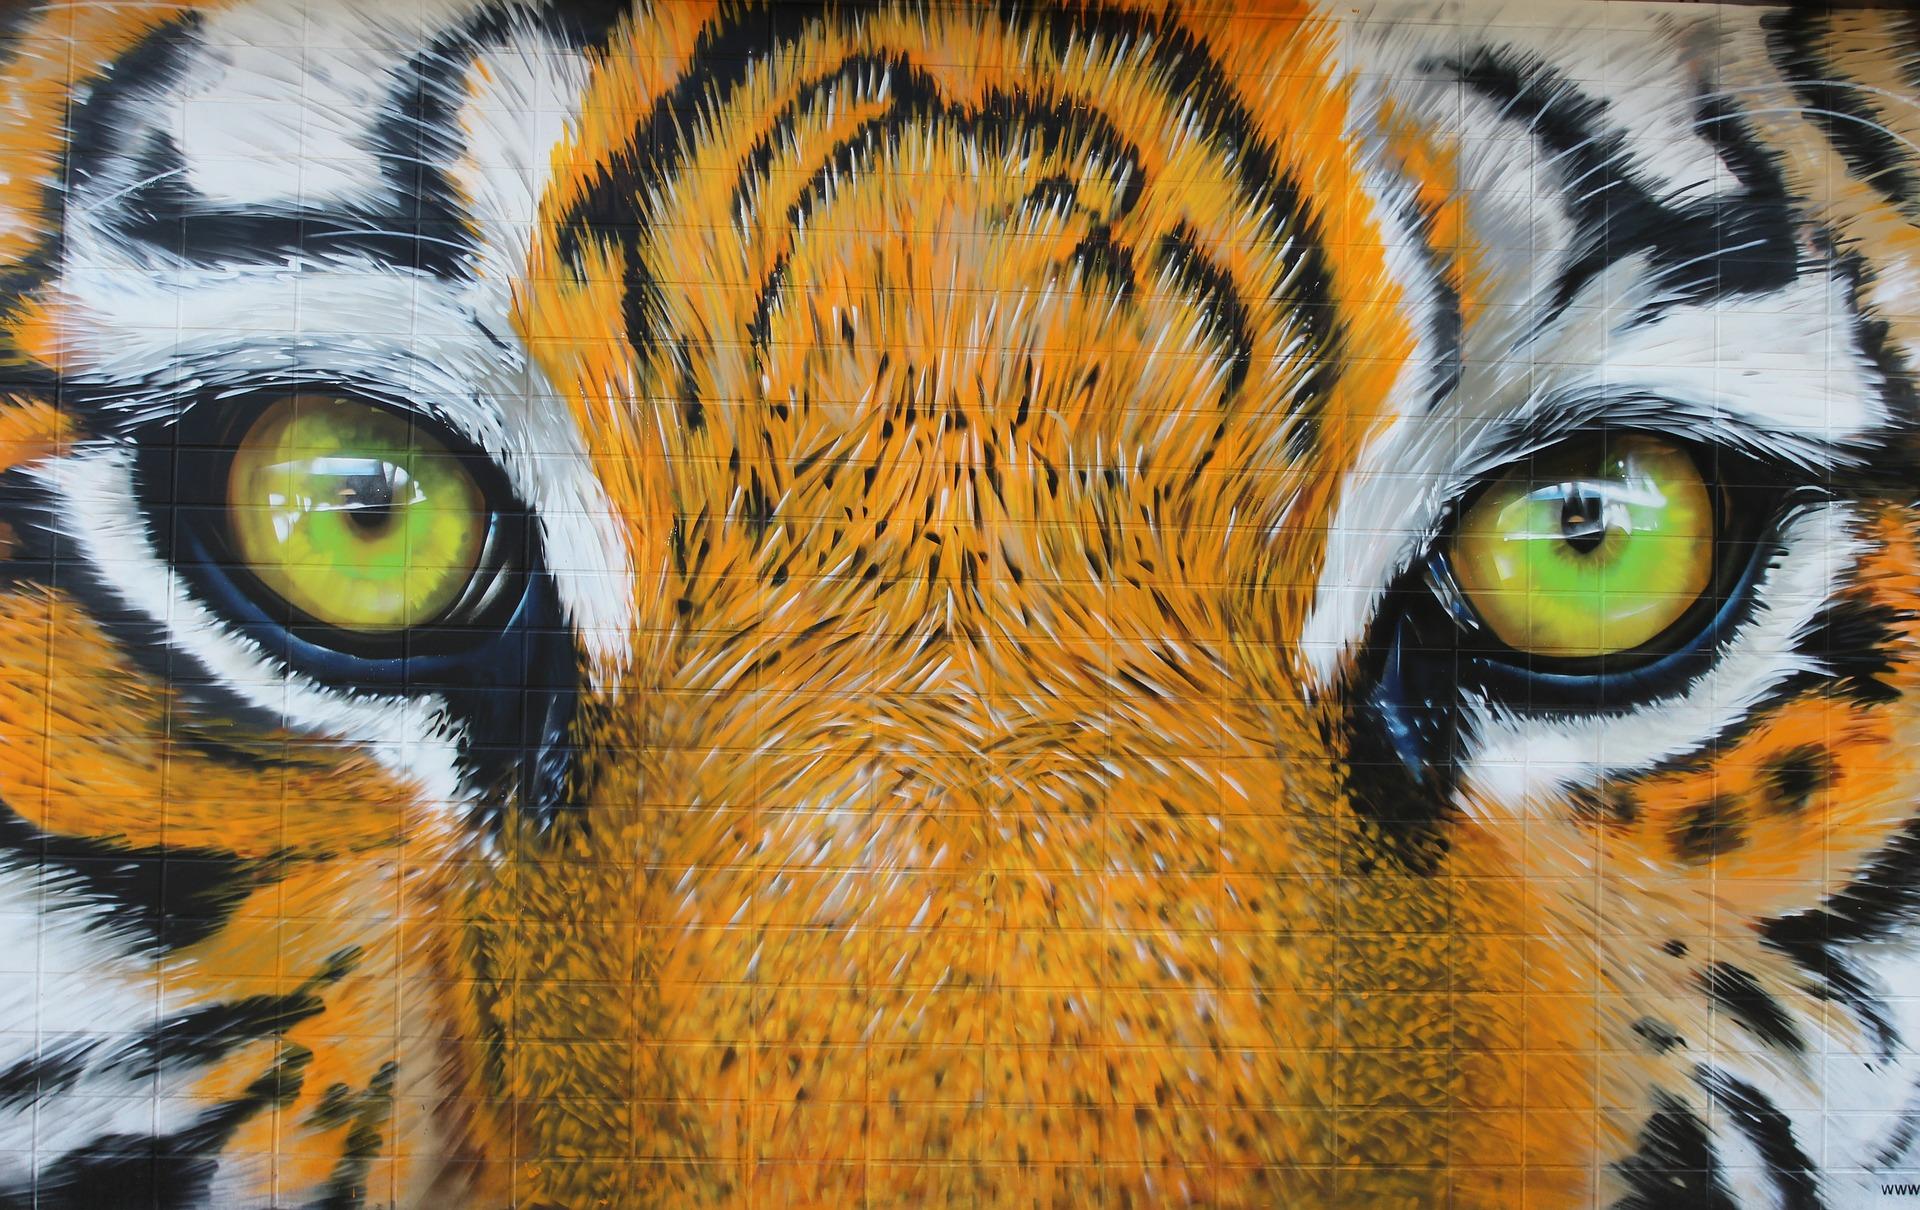 imagem de um quadro escolar com www escrito